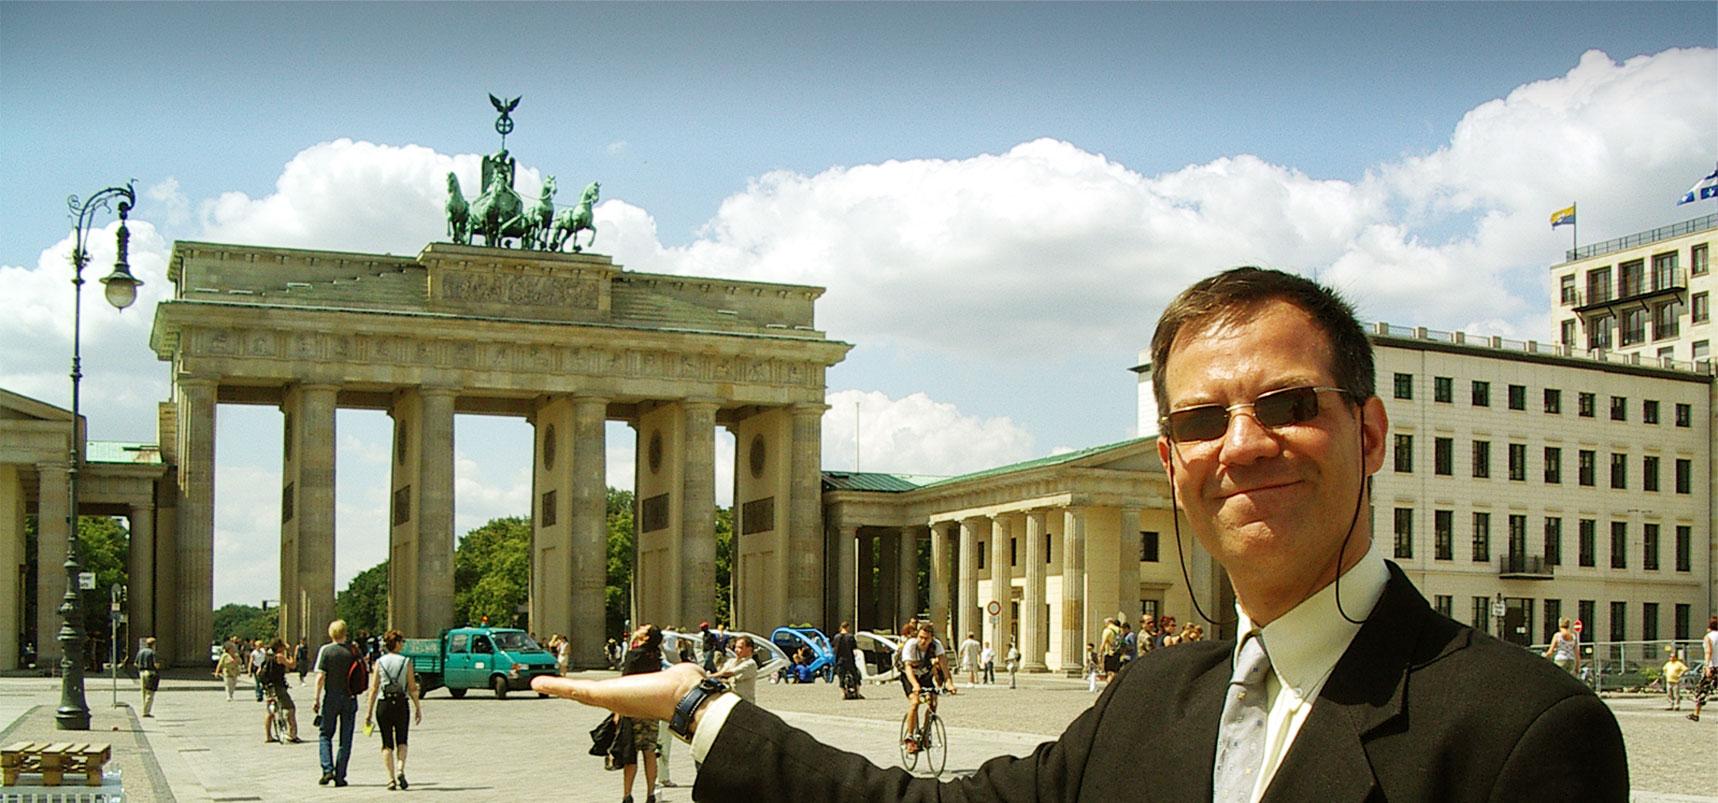 Ihr privater Berlin Stadtführer für Ihre individuelle Berlin & Potsdam Rundfahrt